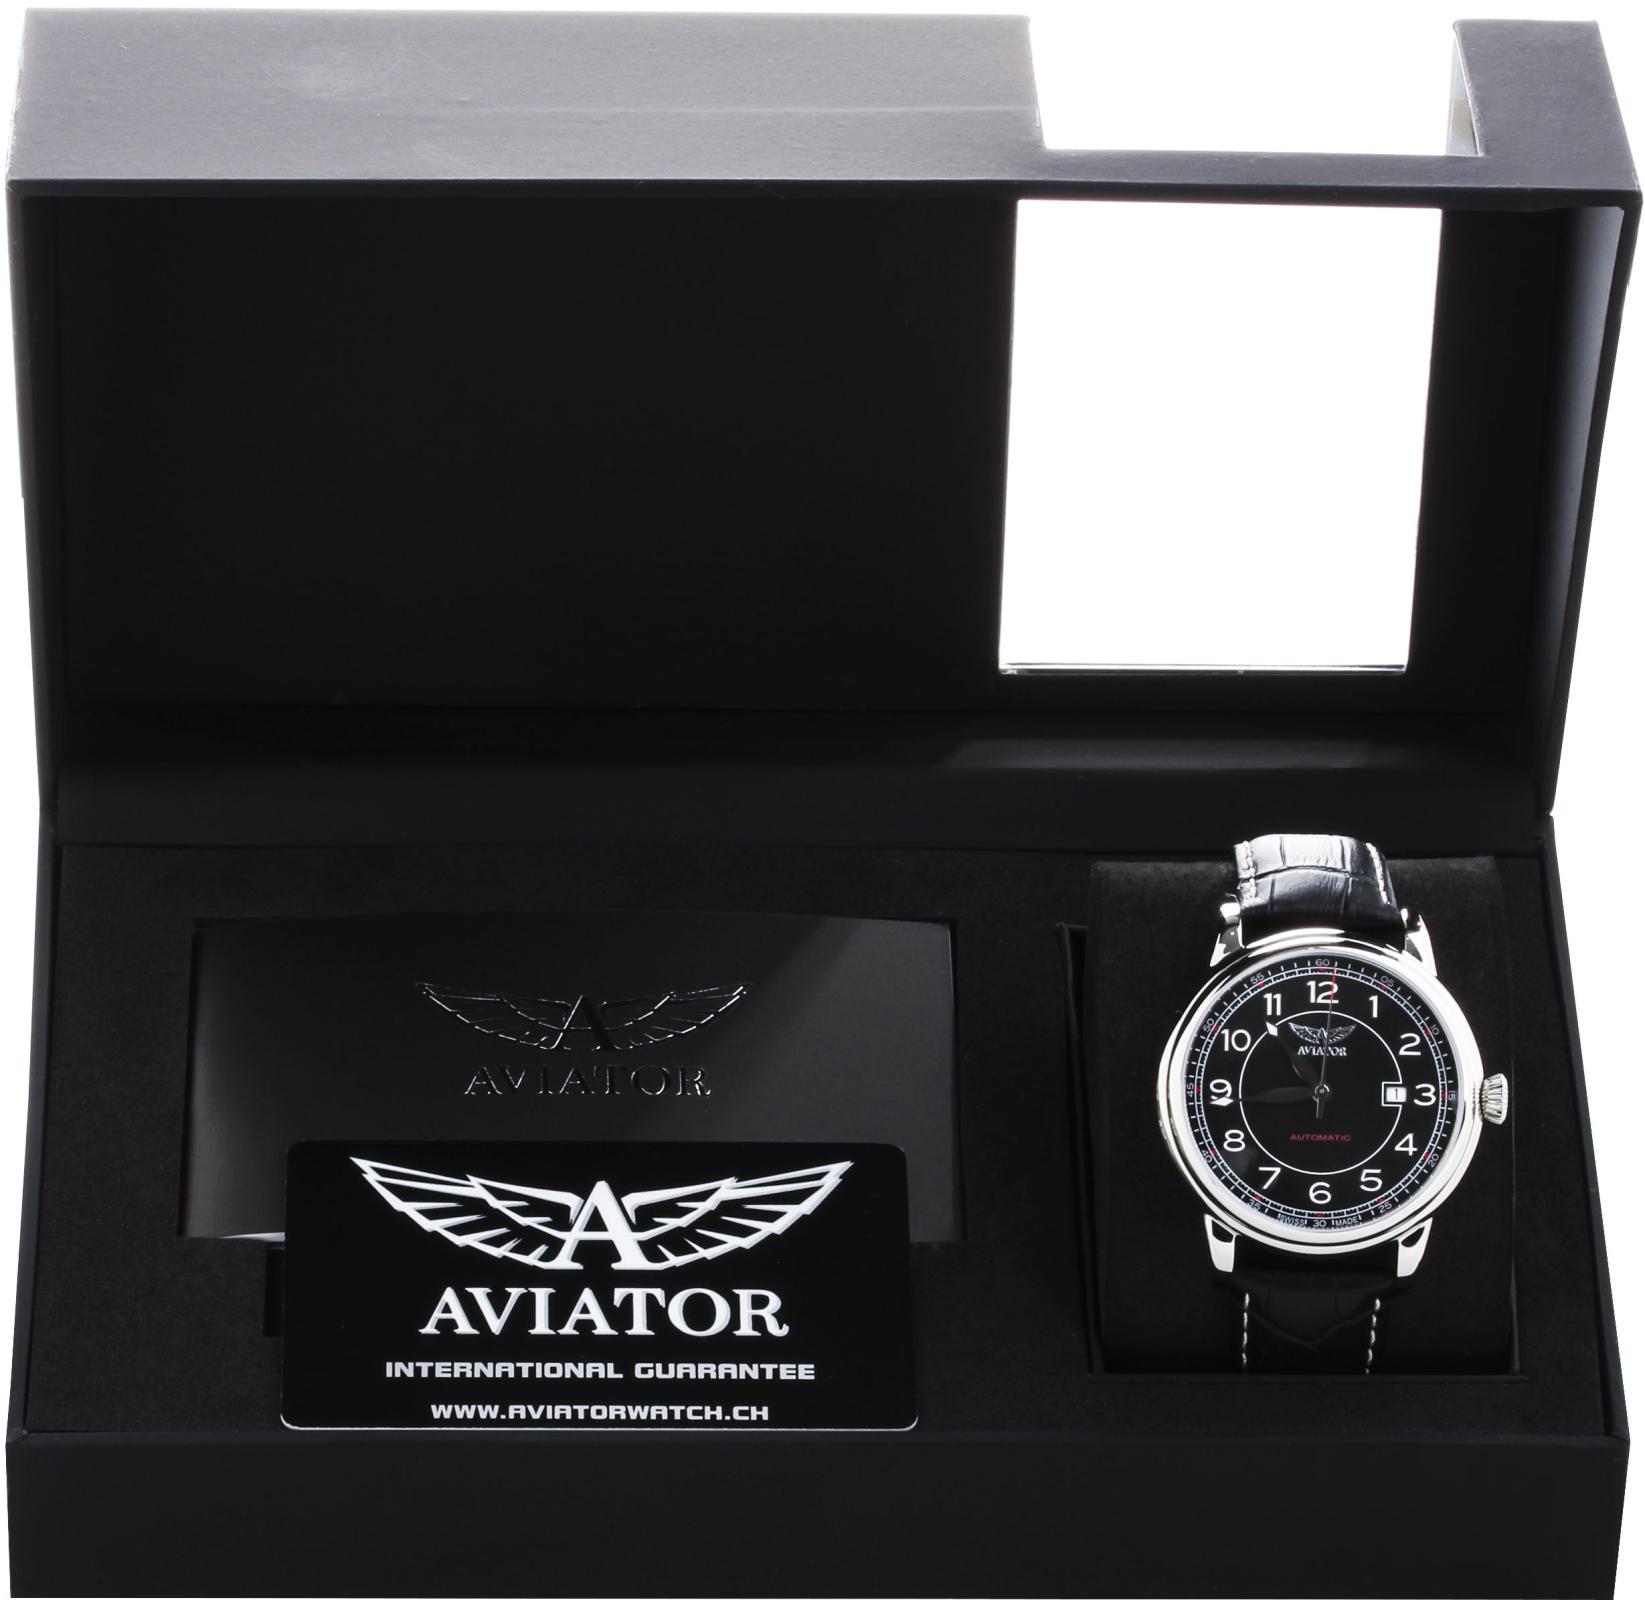 Aviator Douglas V.3.09.0.107.4Наручные часы<br>Швейцарские часы Aviator Douglas V.3.09.0.107.4<br><br>Пол: Мужские<br>Страна-производитель: Швейцария<br>Механизм: Механический<br>Материал корпуса: Сталь<br>Материал ремня/браслета: Кожа<br>Водозащита, диапазон: 20 - 100 м<br>Стекло: Сапфировое<br>Толщина корпуса: 12 мм<br>Стиль: Классика